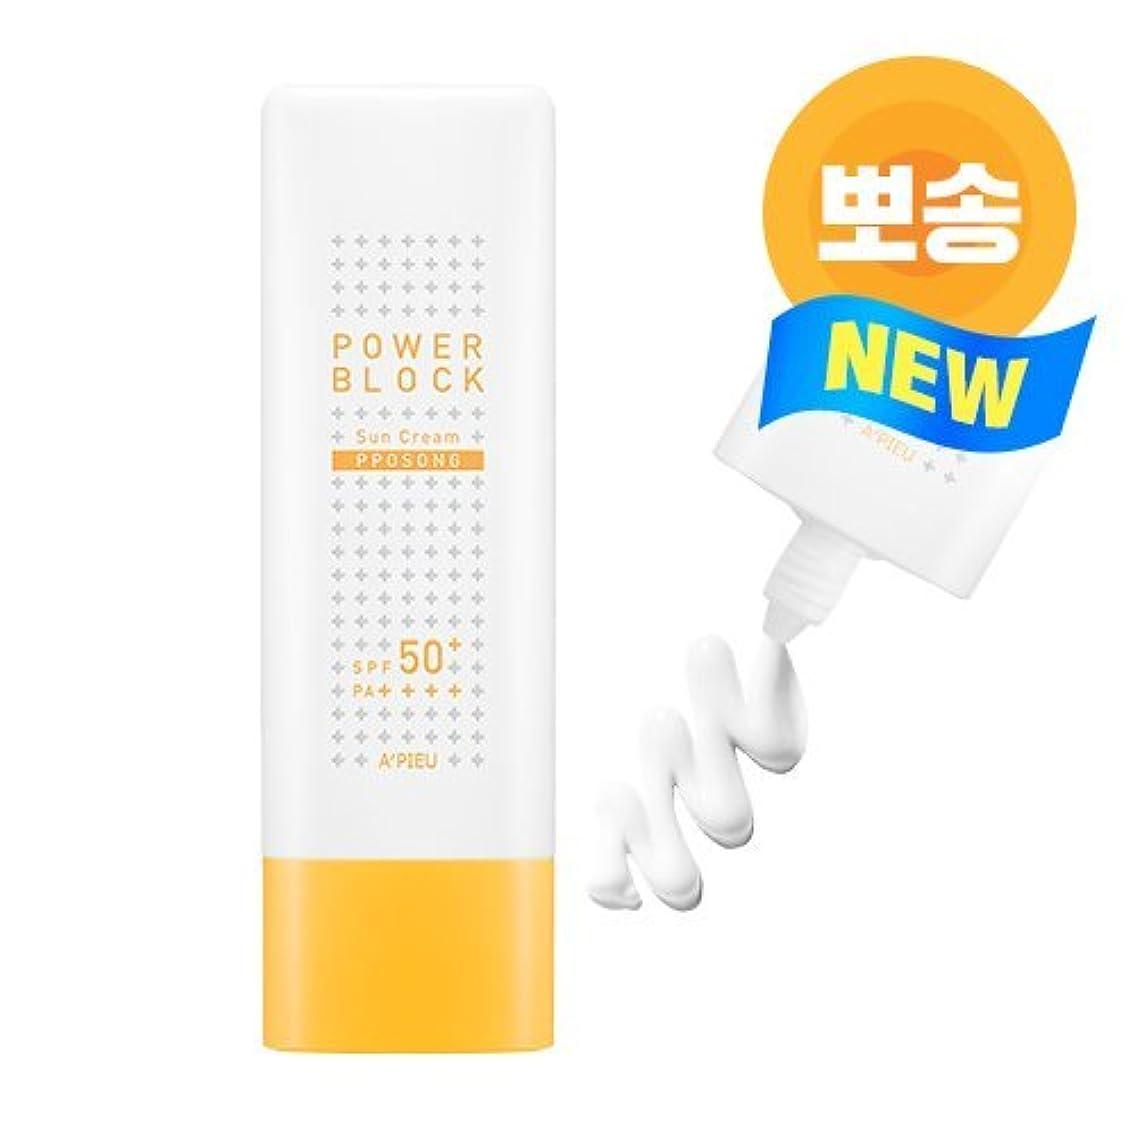 病気マントル初期A'PIEU Power Block Sun Cream PPOSONG SPF50+ PA++++ [オピュ/アピュ] パワーブロックサラサラ日焼け止め [並行輸入品]